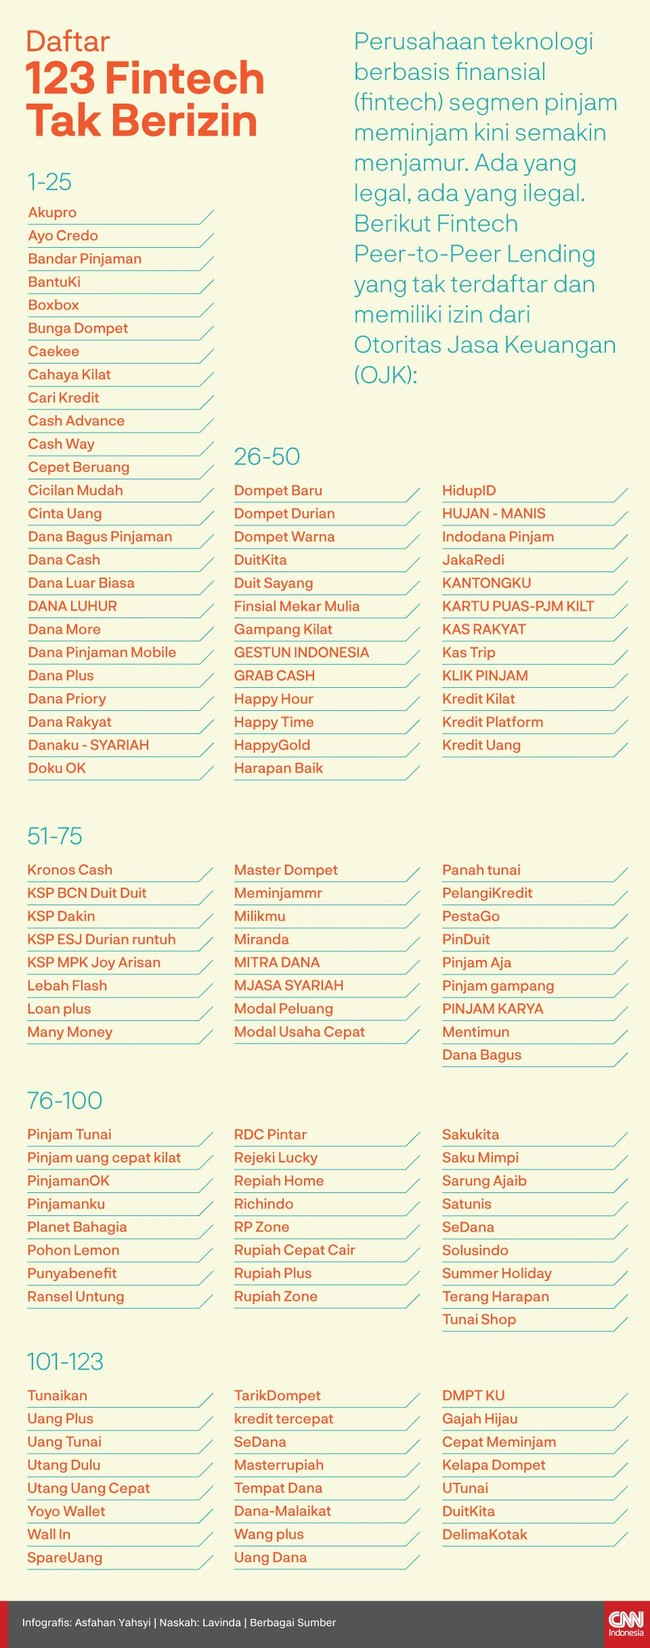 Perusahaan teknologi berbasis finansial (fintech) segmen pinjam meminjam kian menjamur dan ada 123 yang tak mengatongin izin OJK. Berikut daftarnya.